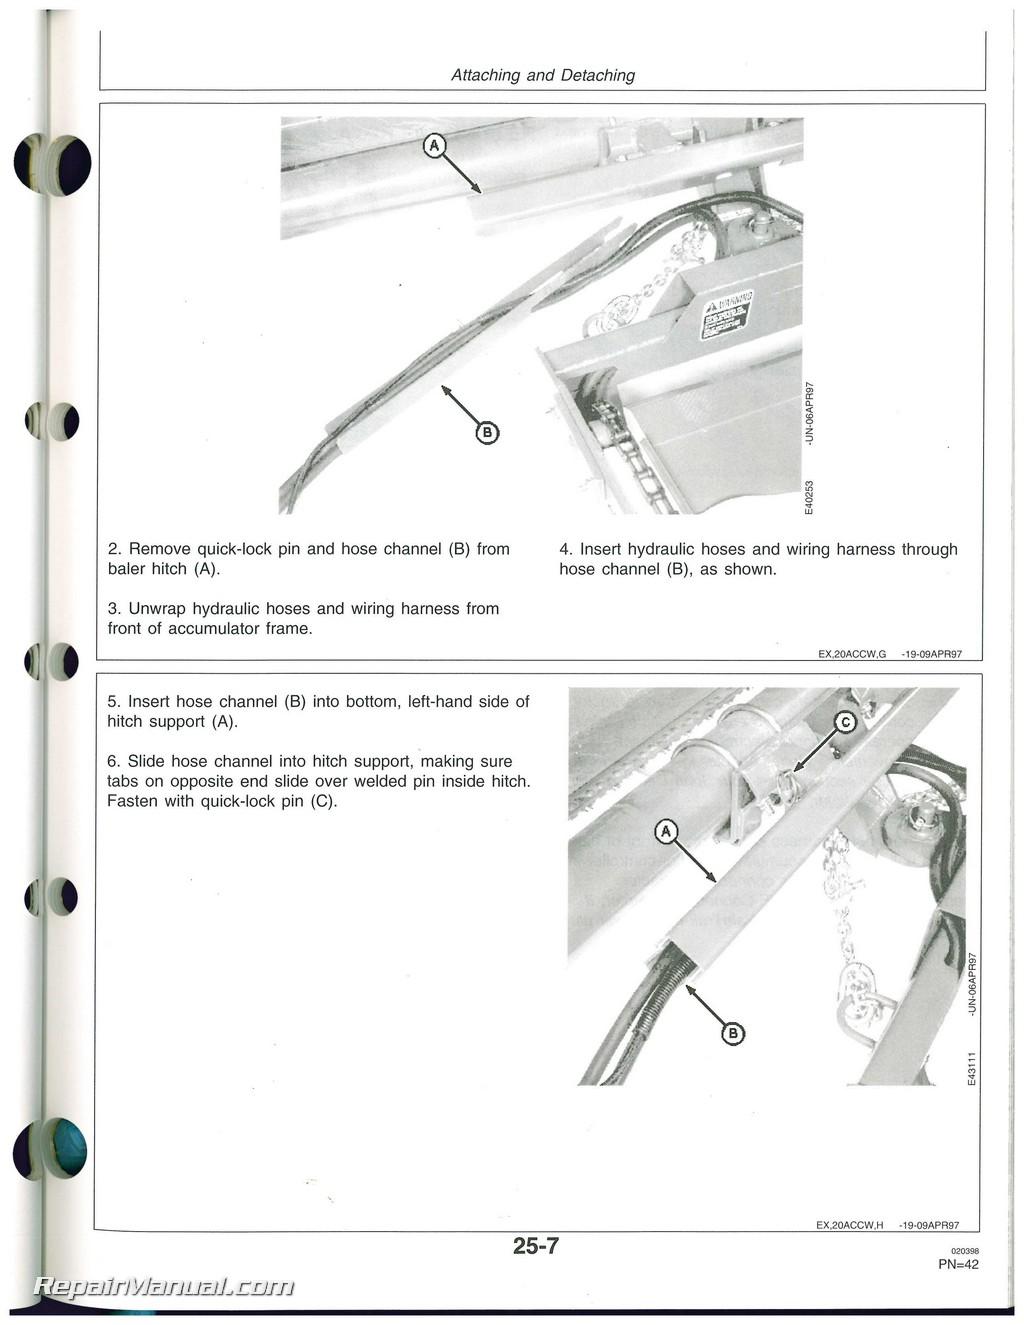 John Deere 1010 Wiring Schematic | Wiring Liry on exmark wiring harness, perkins wiring harness, allis chalmers wd wiring harness, vermeer wiring harness, mitsubishi wiring harness, john deere stereo wiring, gravely wiring harness, troy bilt wiring harness, john deere electrical harness, porsche wiring harness, generac wiring harness, john deere b wiring, mercury wiring harness, john deere wiring plug, 5.0 mustang wiring harness, scag wiring harness, john deere lawn tractor wiring, john deere 410g wiring diagram, john deere solenoid wiring, large wiring harness,